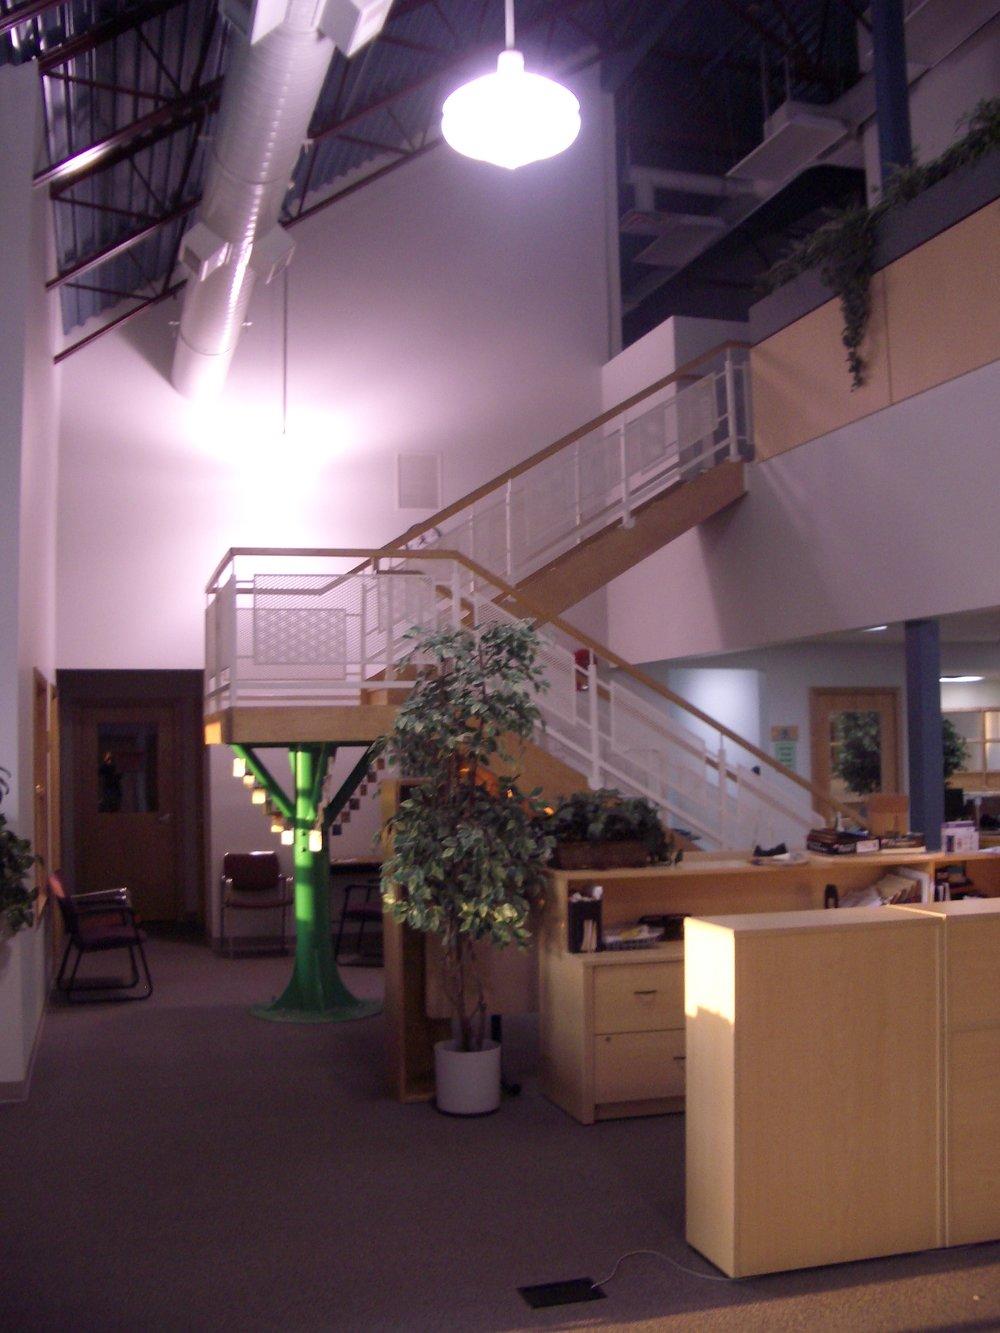 Stair 004.jpg